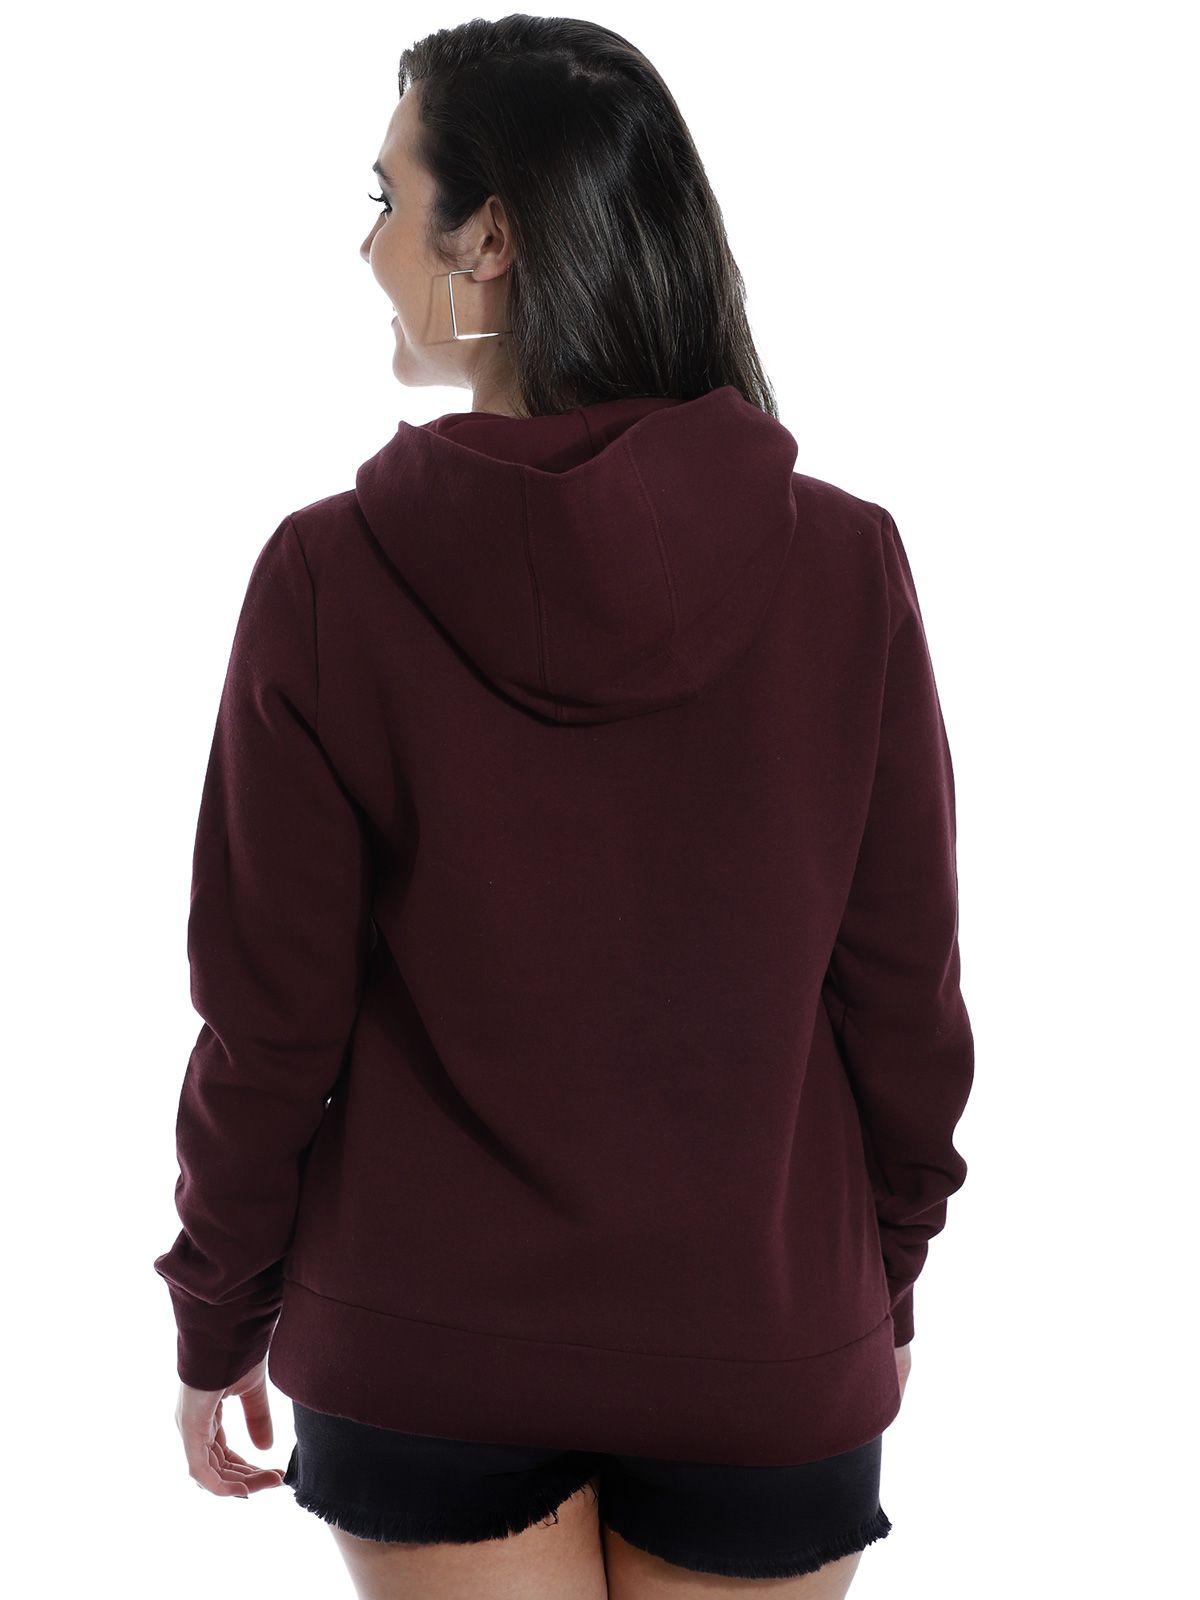 Blusão Moletom Feminino com Ziper Lateral Anistia Bordo